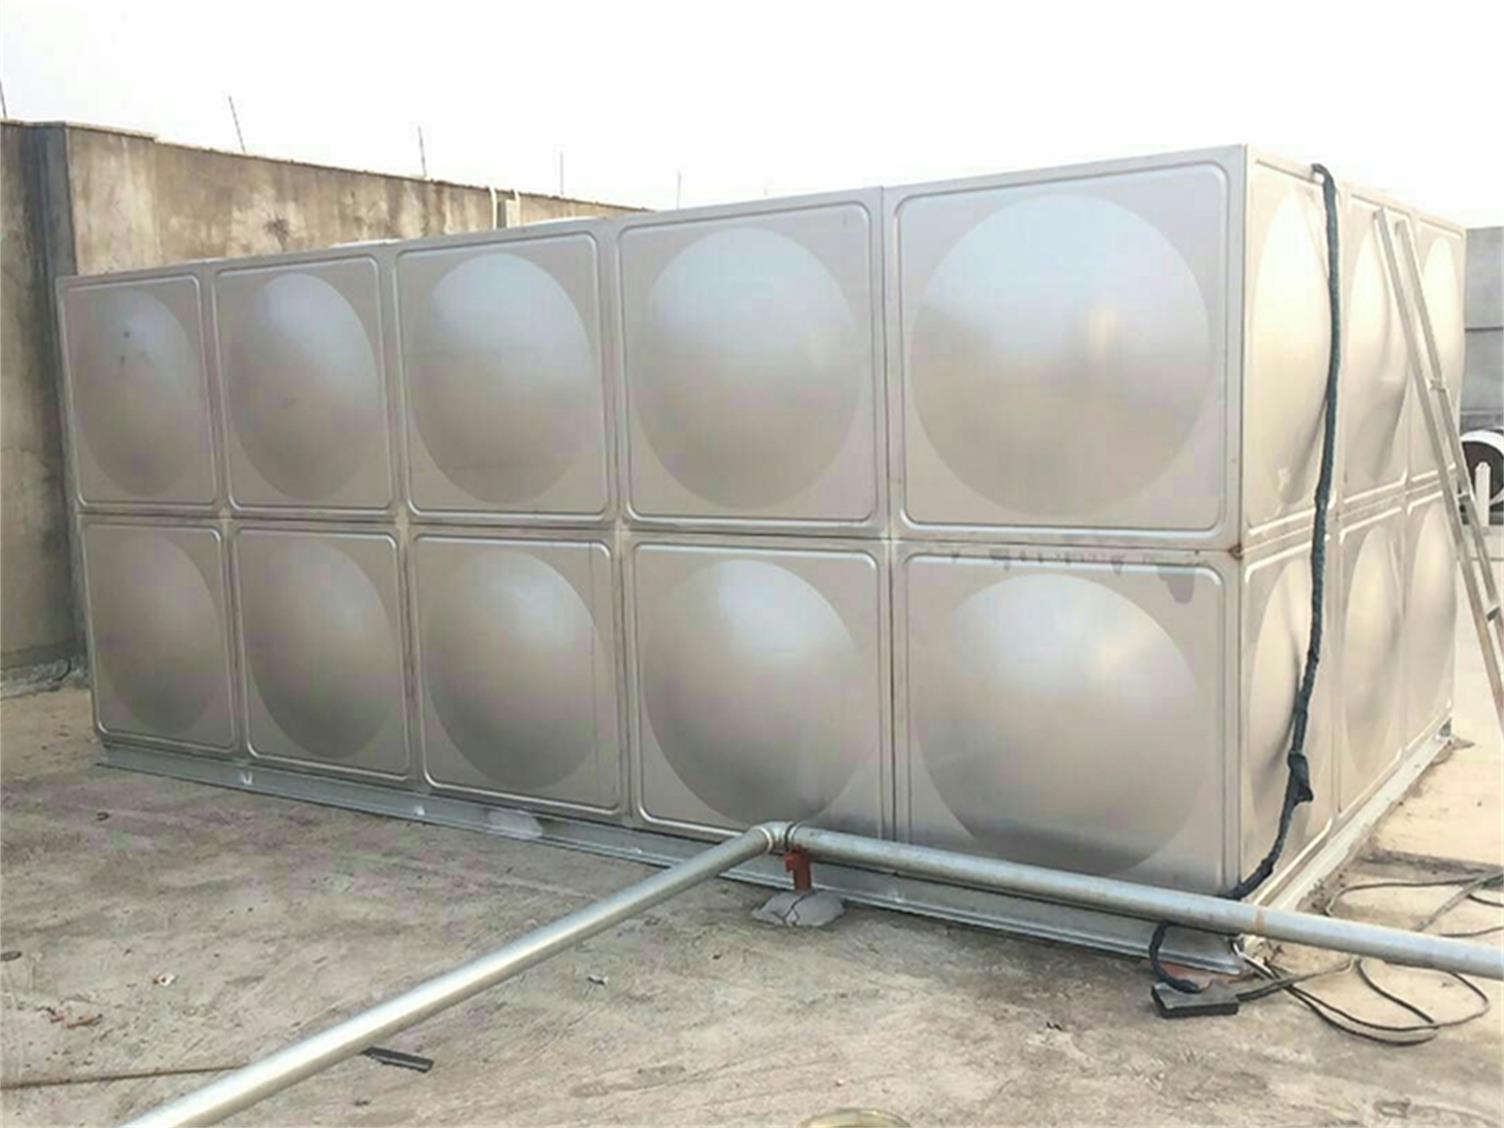 不锈钢方形水箱定制_上海市不锈钢水箱生产厂家